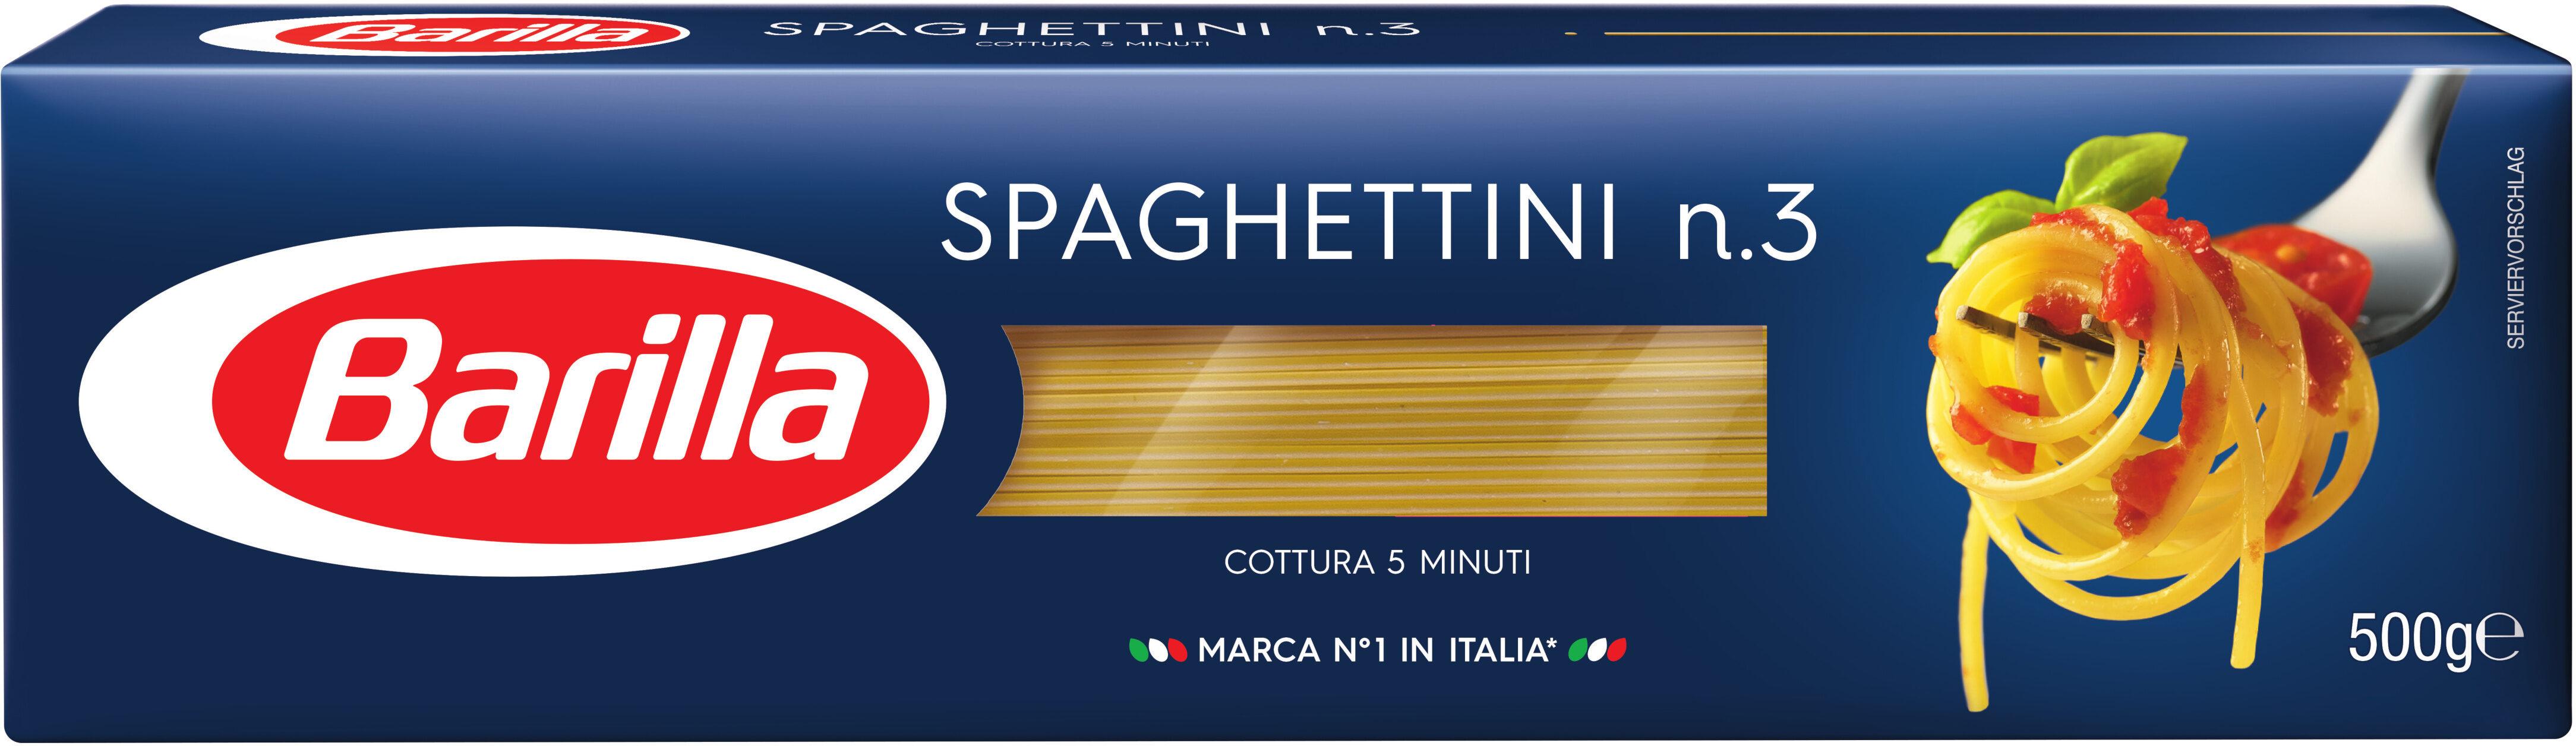 Pâtes Spaghettini n.3 - Produit - fr